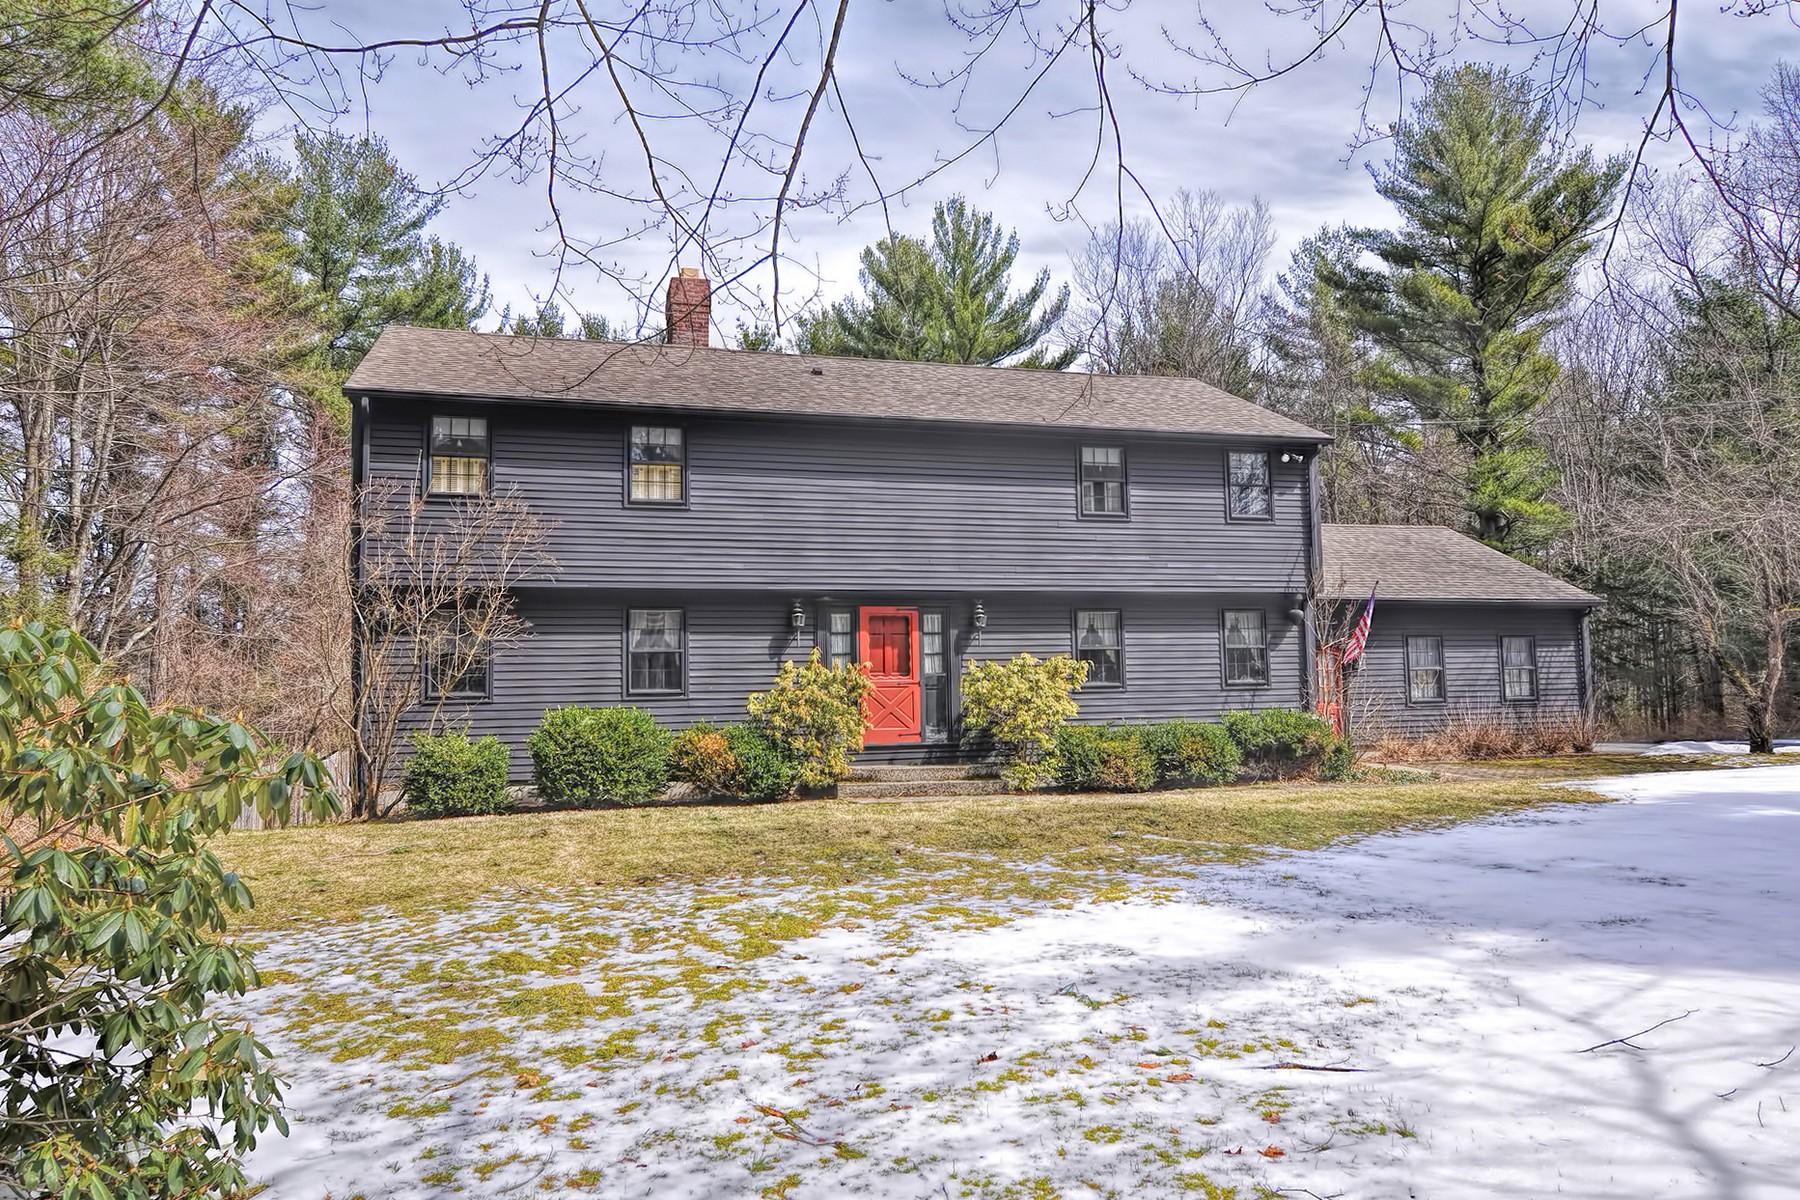 Maison unifamiliale pour l Vente à Custom Designed Colonial In Tranquil Setting 8 Laurel Hill Road Sturbridge, Massachusetts, 01566 États-Unis